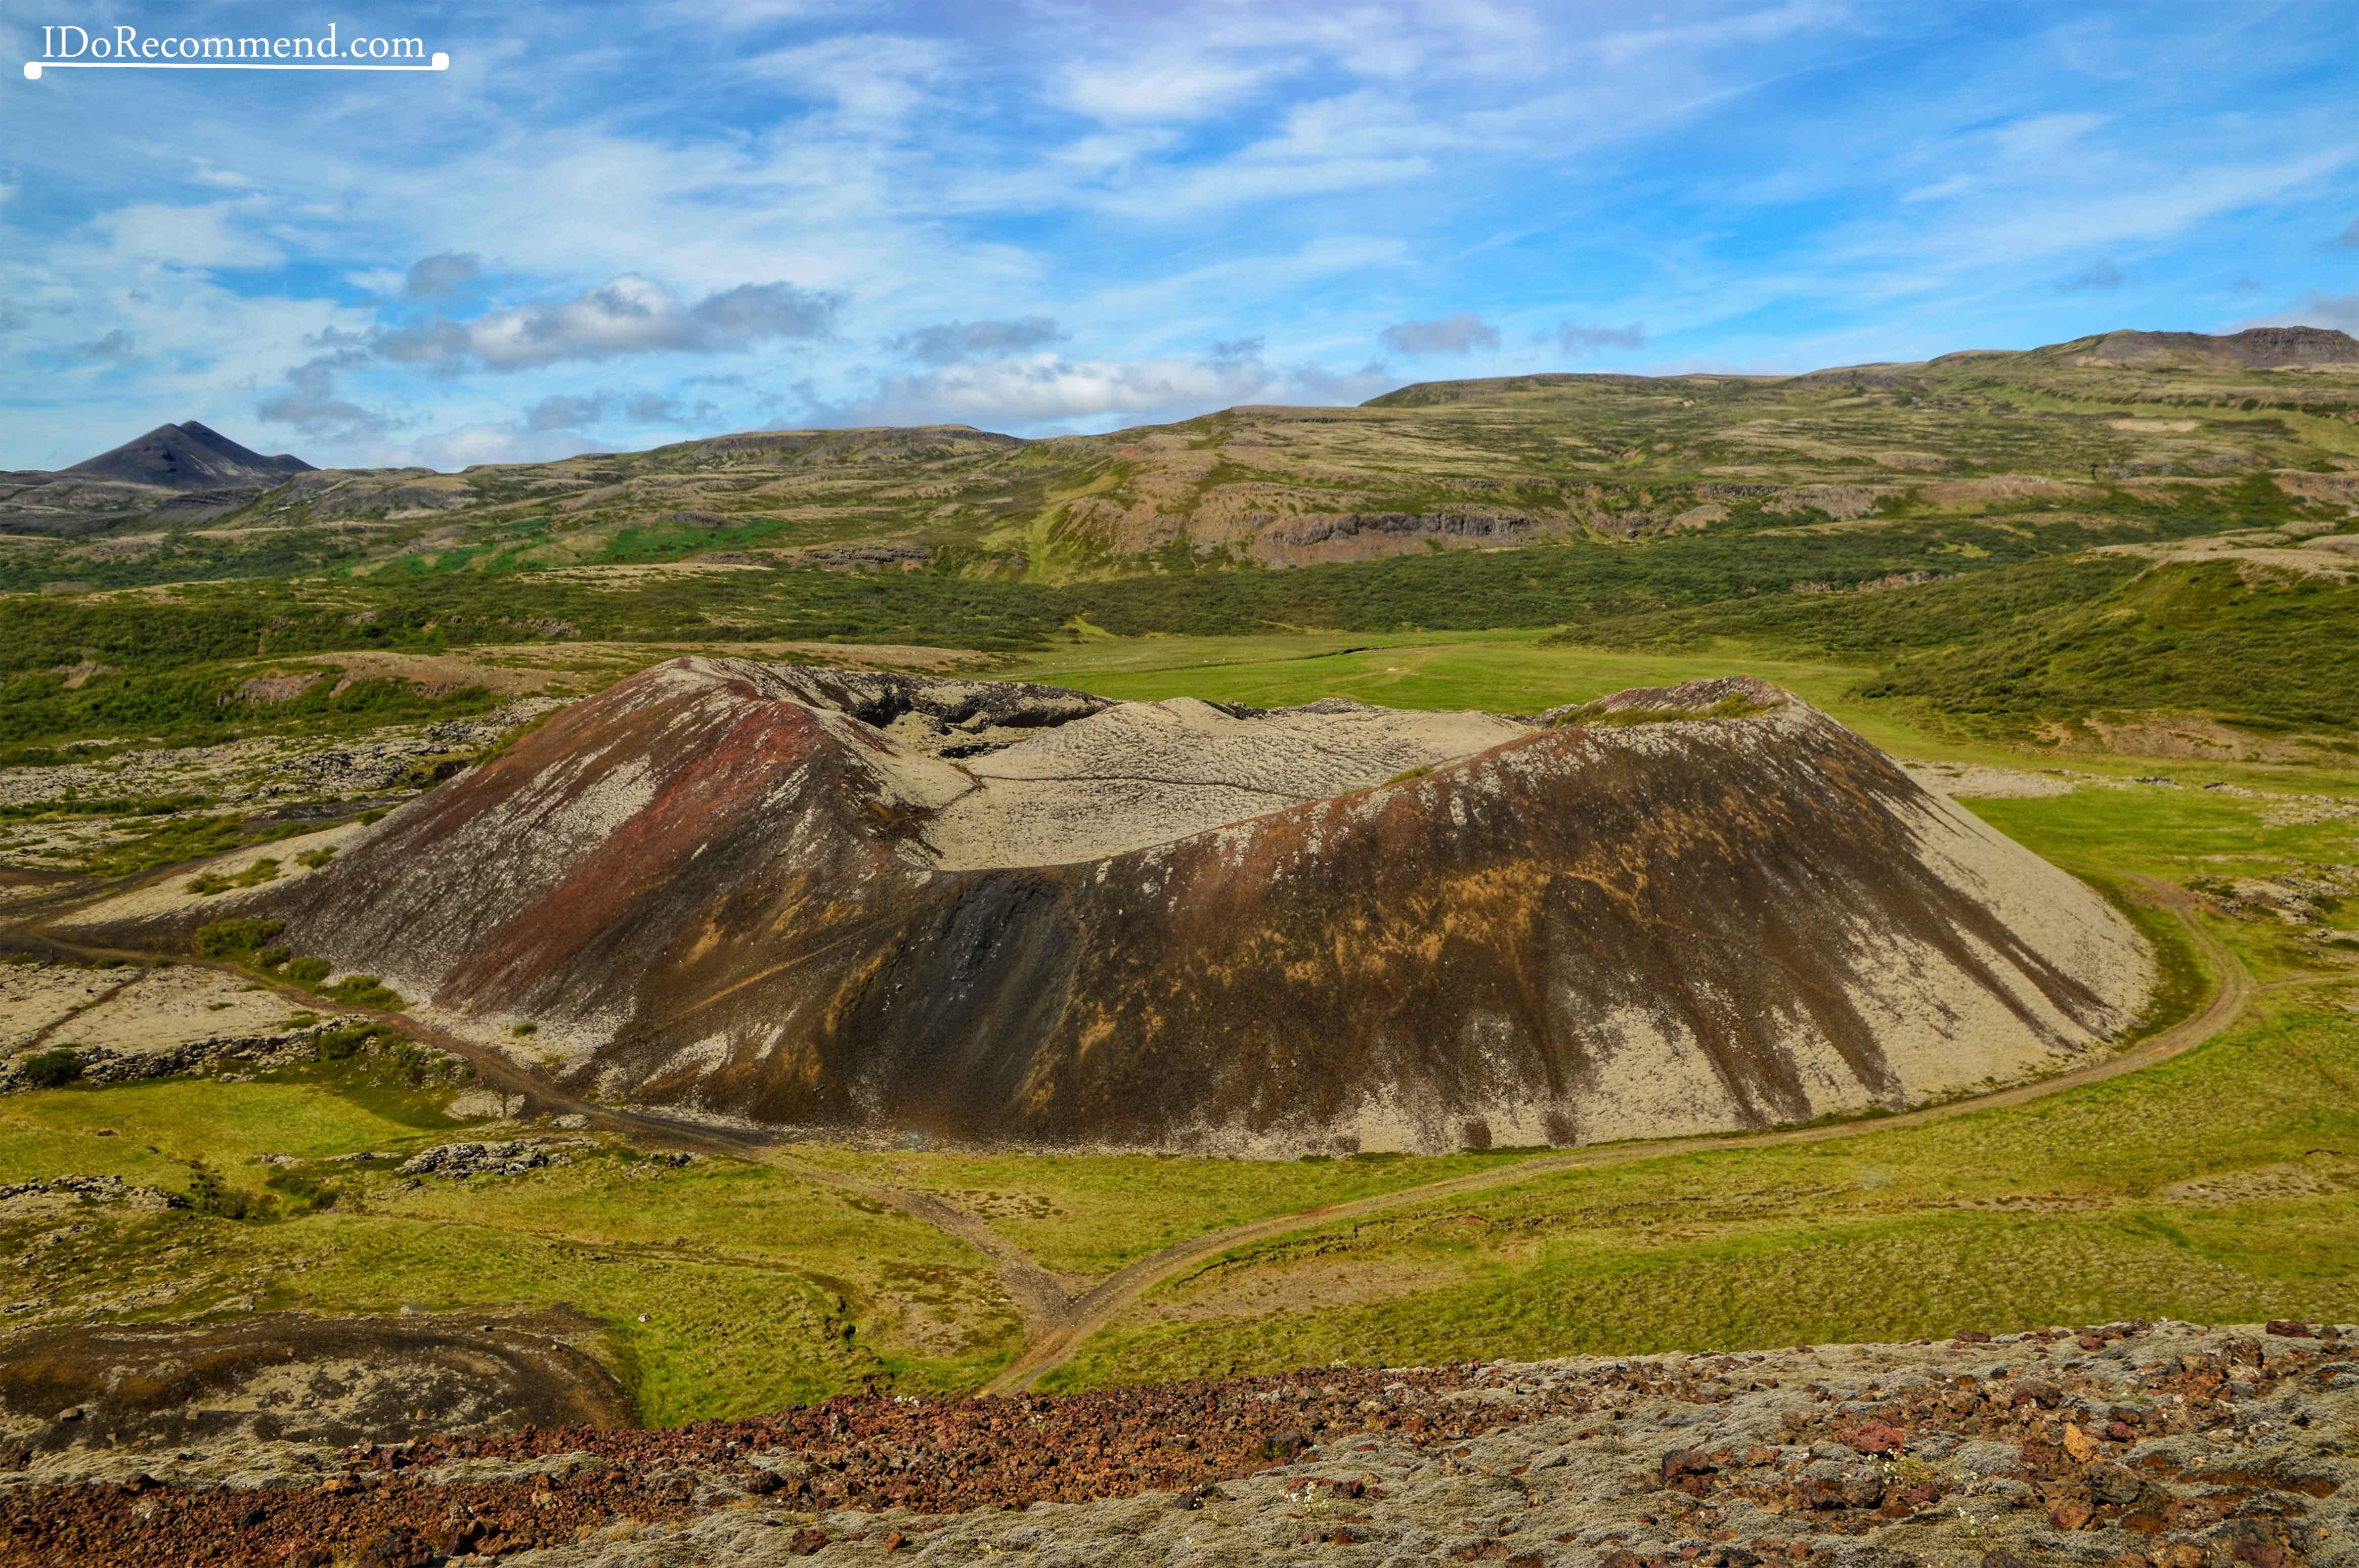 Grábrók Volcano